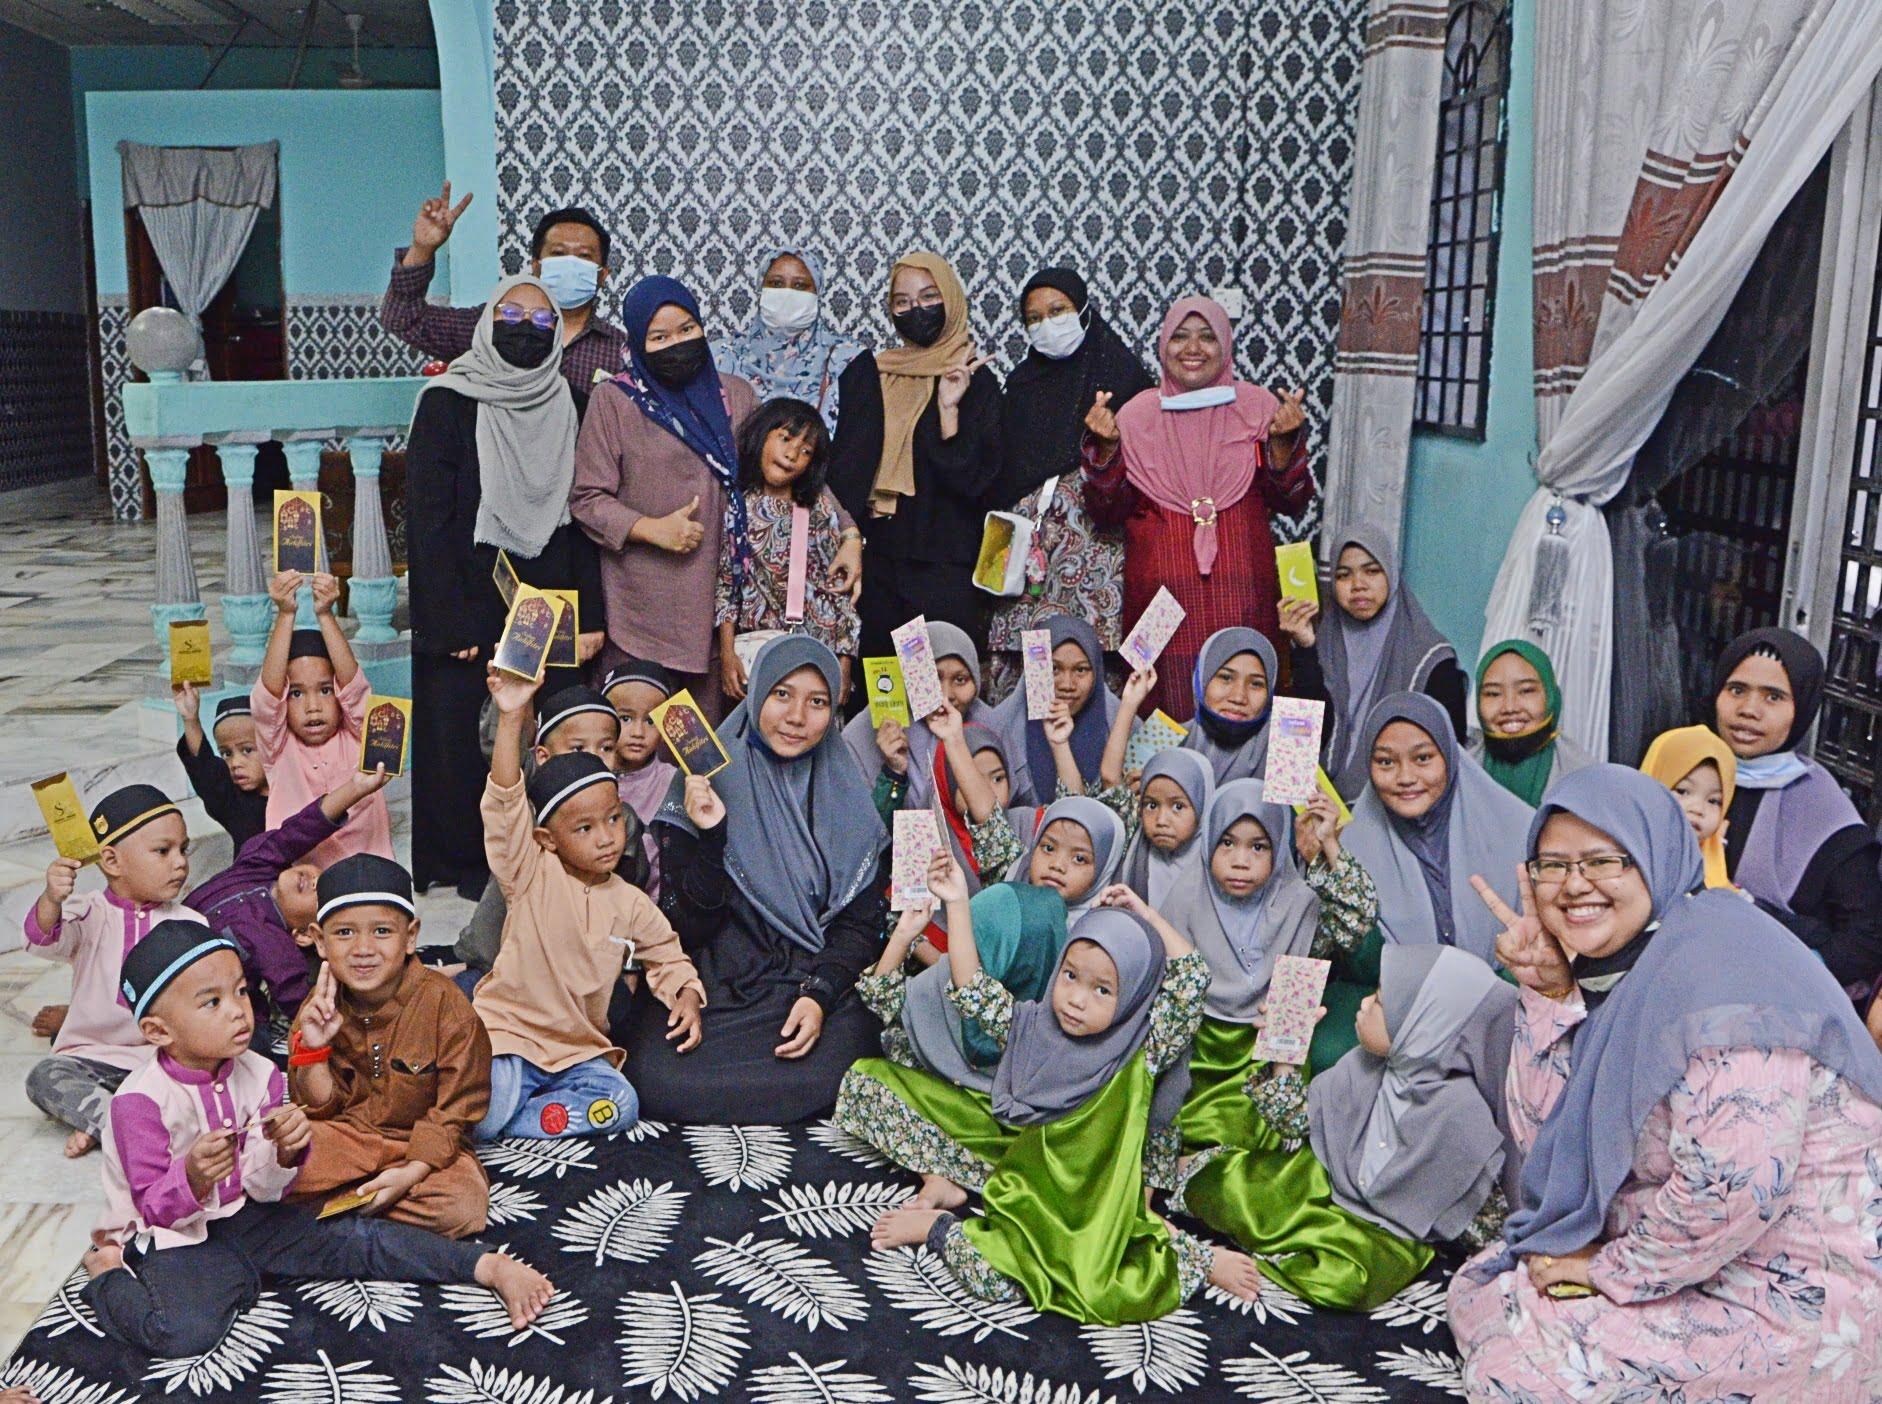 BGST Meraikan Ramadhan Bersama Anak Yatim -Curahan Kasih Sayang